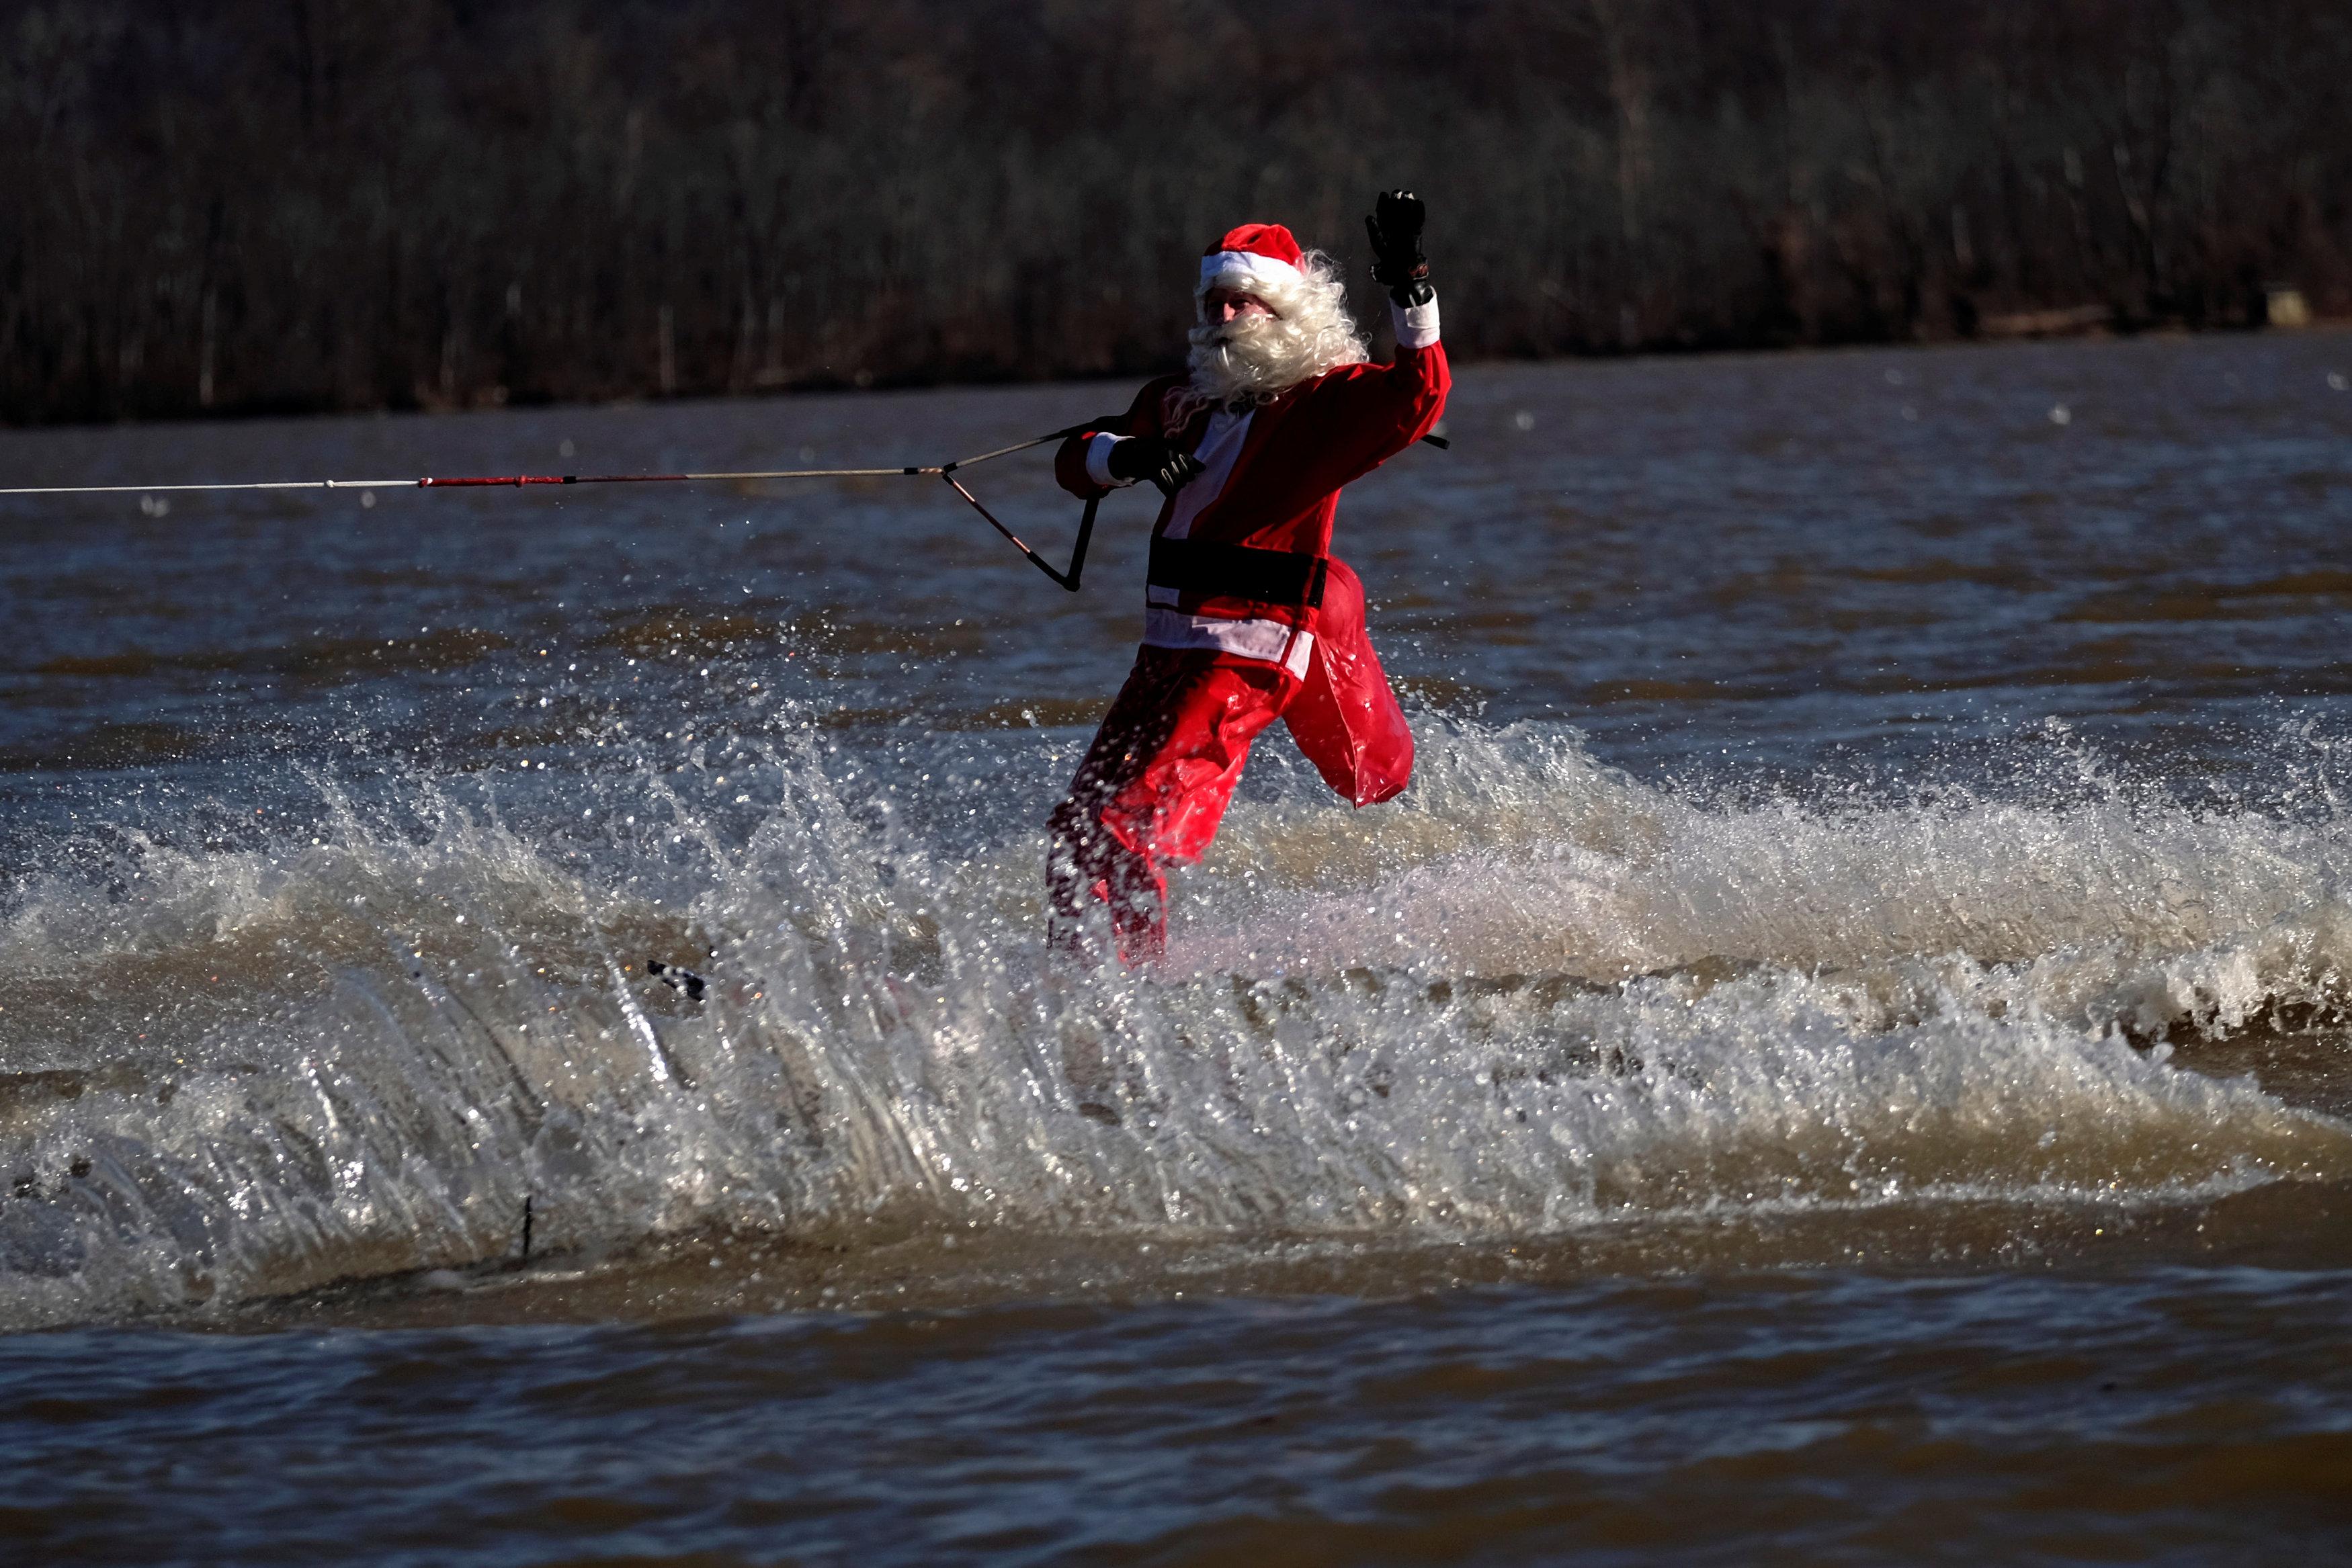 سانتا كلوز فى المياه بفرجينيا الأمريكية